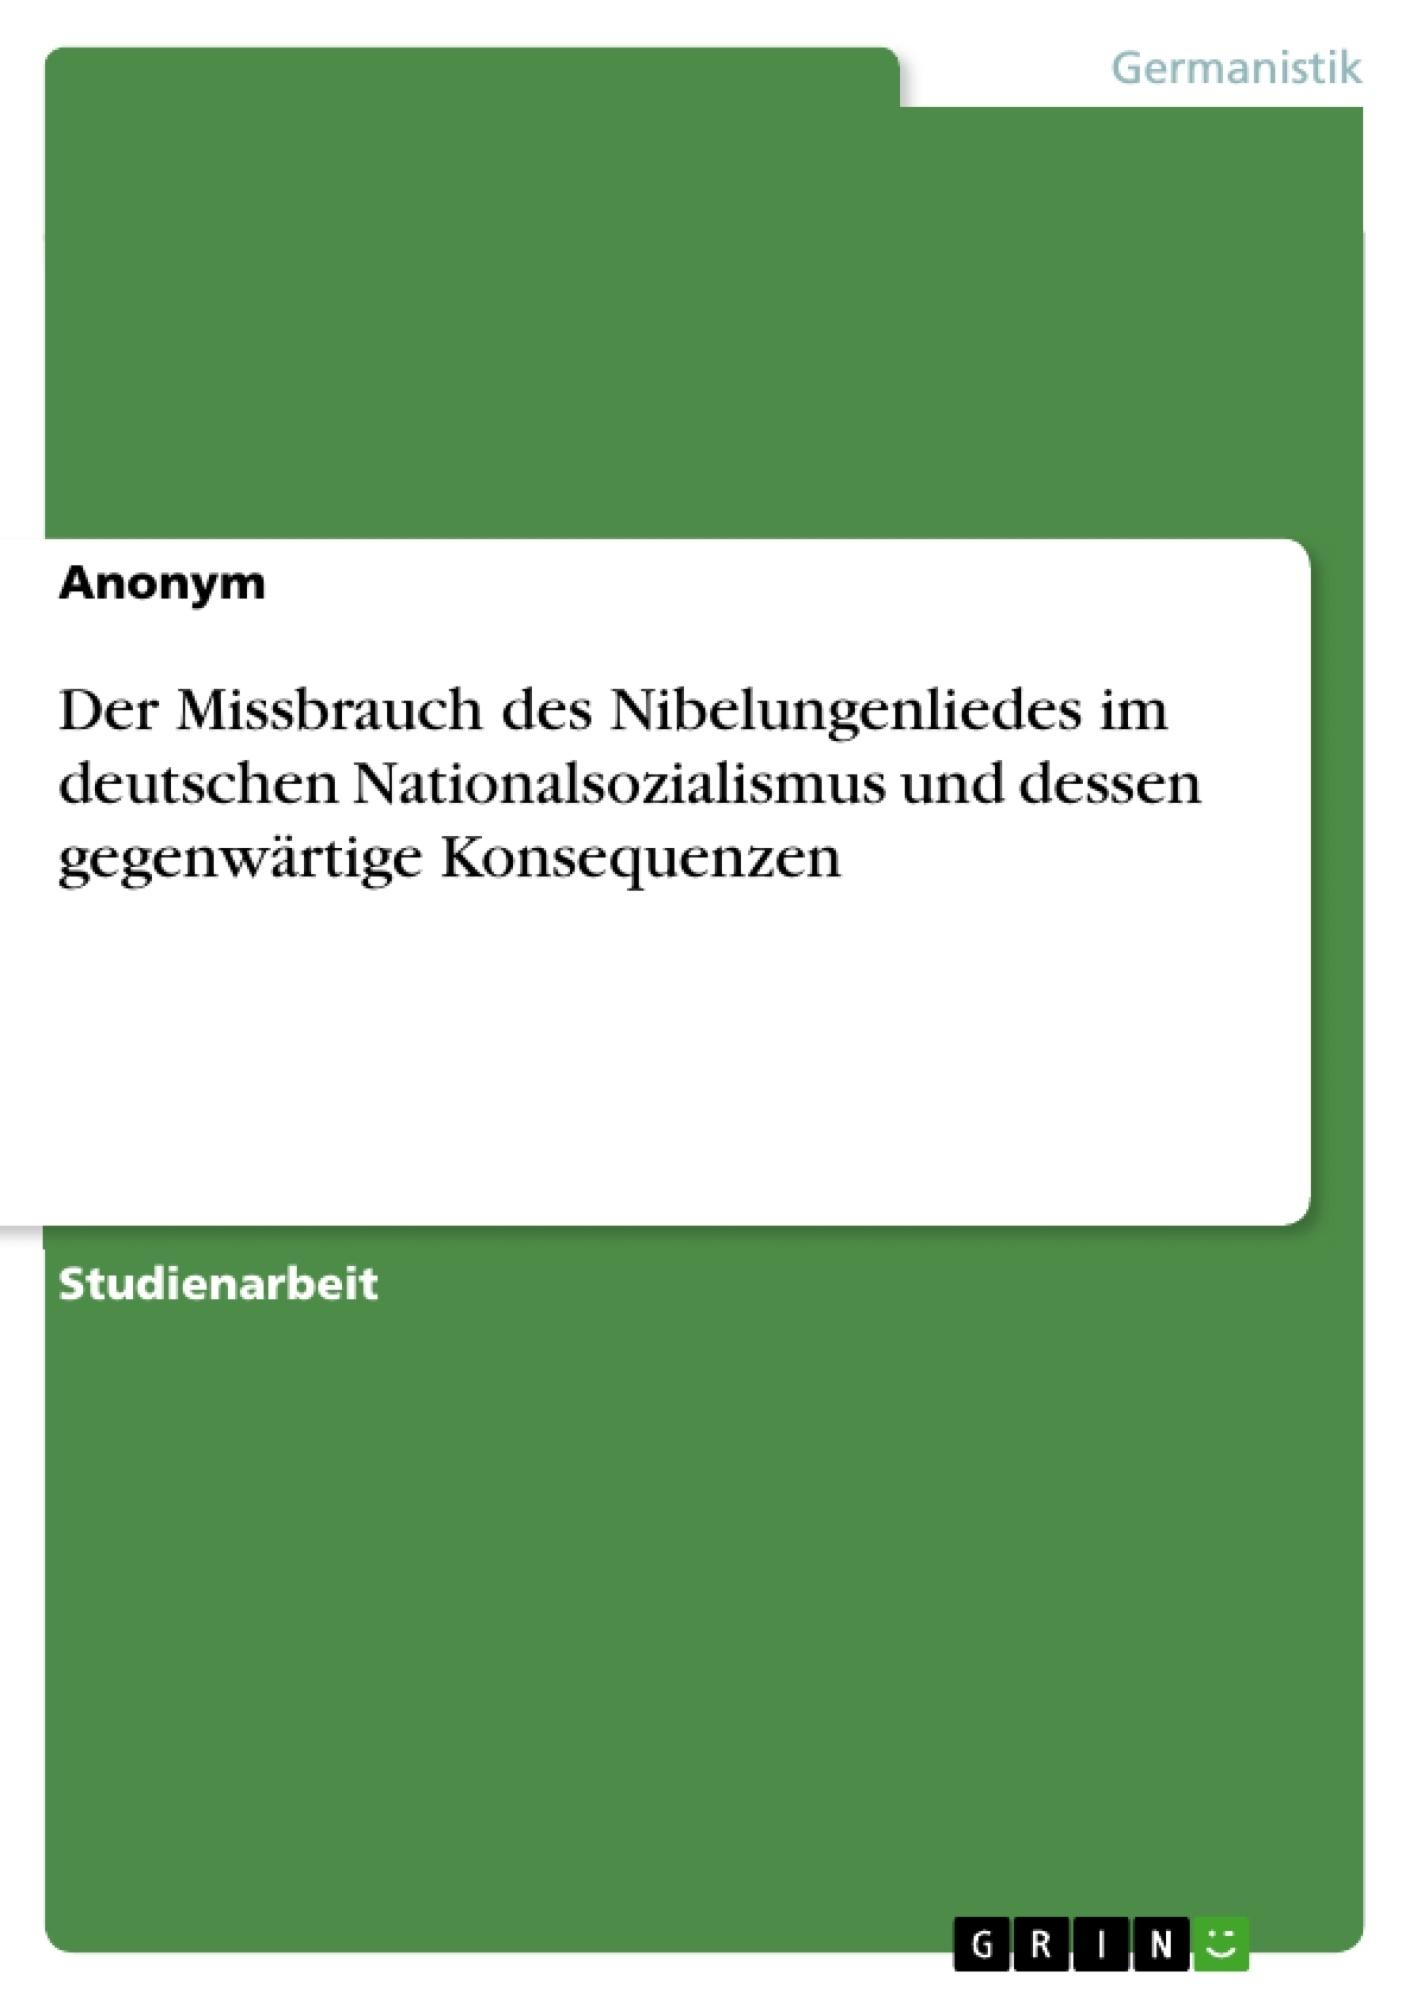 Titel: Der Missbrauch des Nibelungenliedes im deutschen Nationalsozialismus und dessen gegenwärtige Konsequenzen